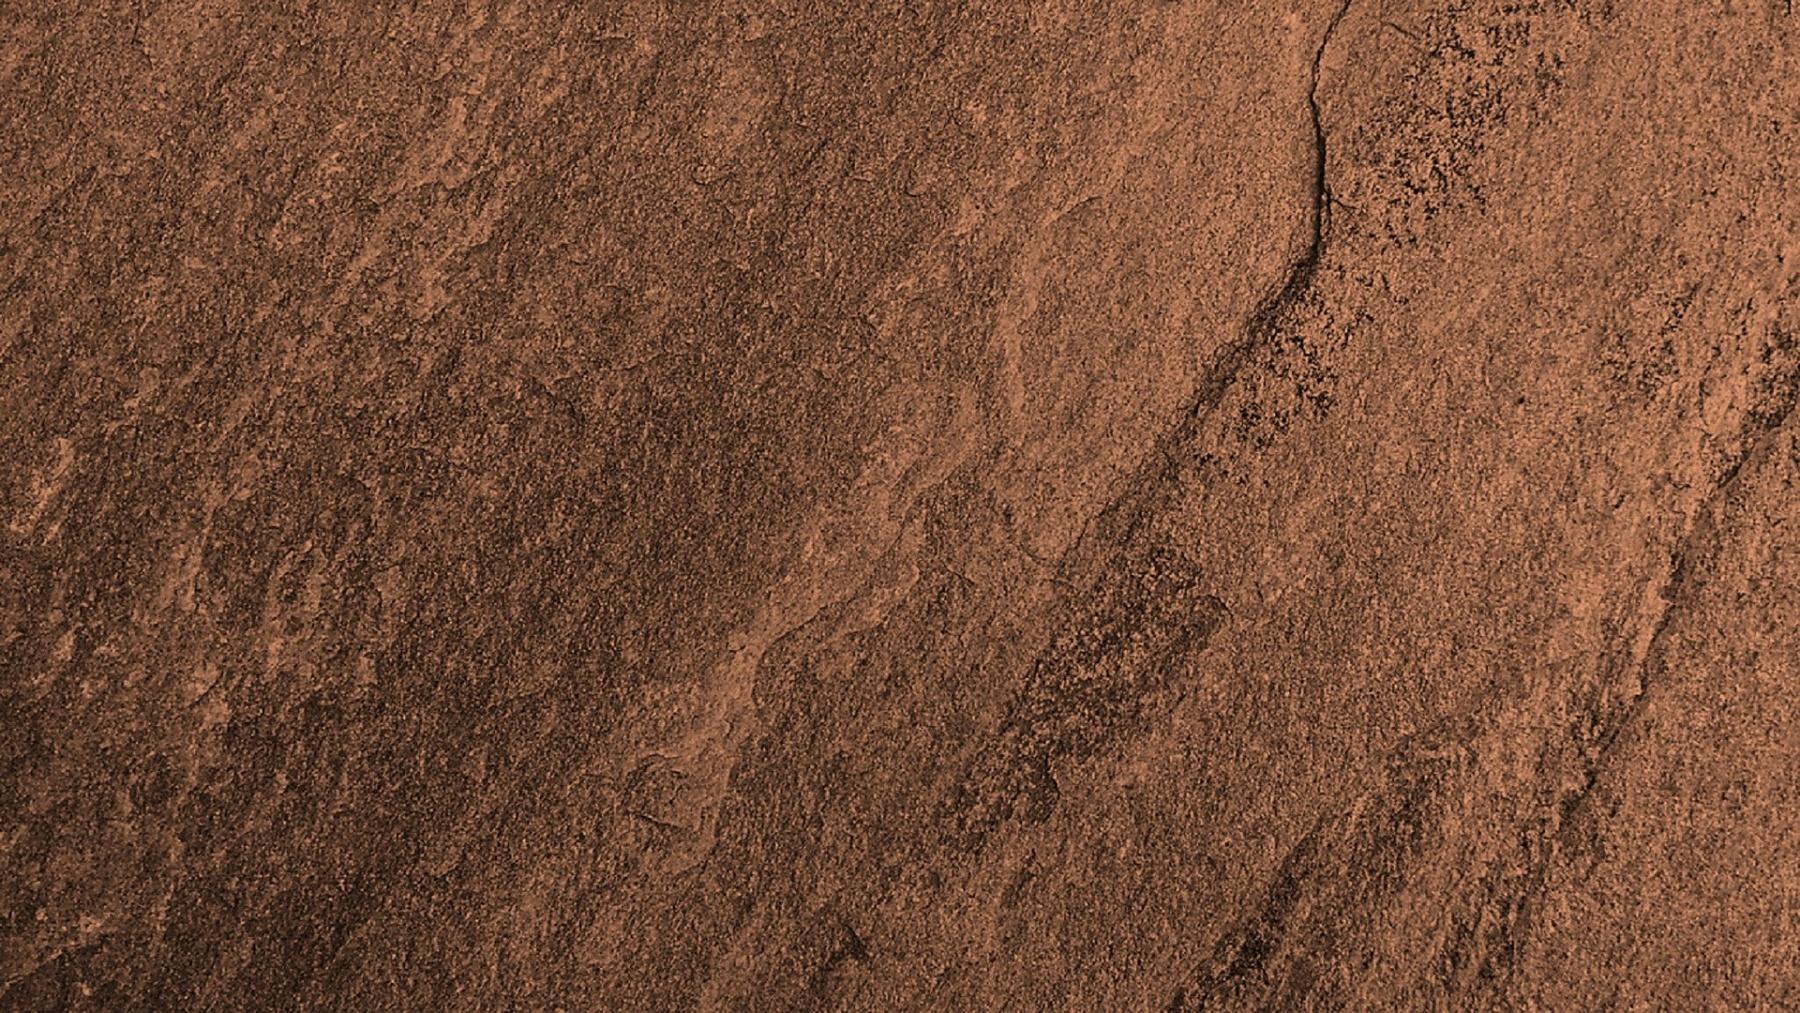 stone-707172_1920